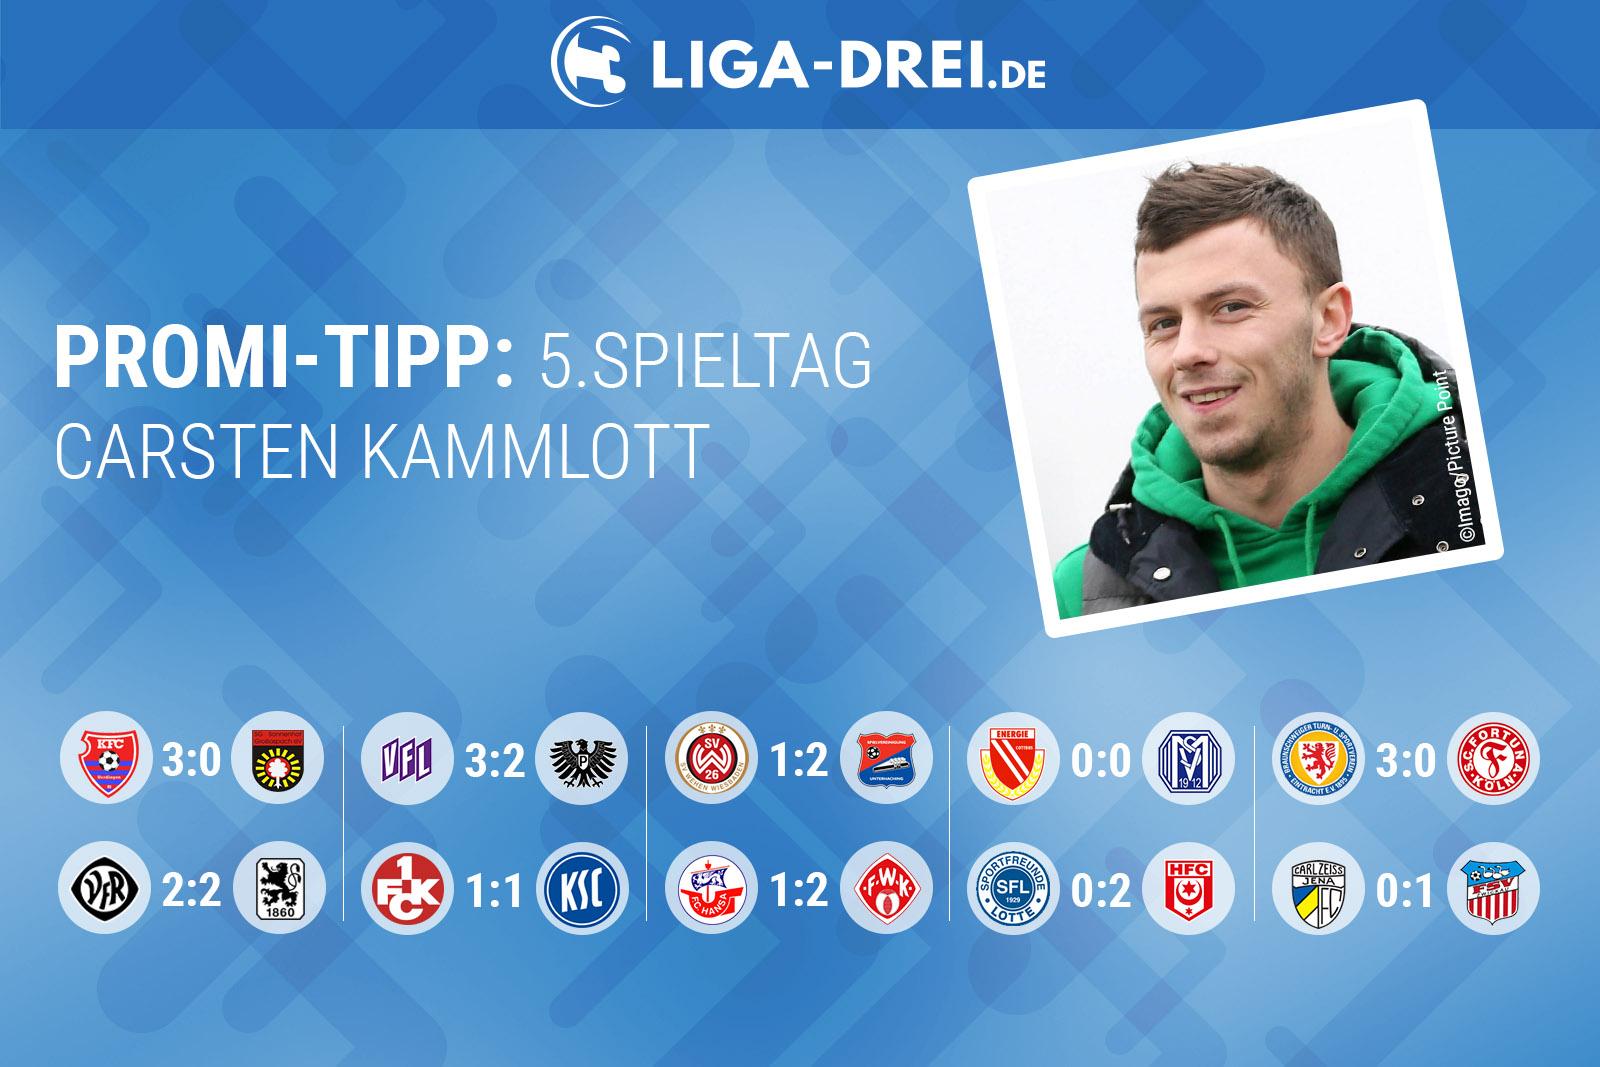 Der Promi-Tipp vom 5. Spieltag der 3. Liga 2018/19